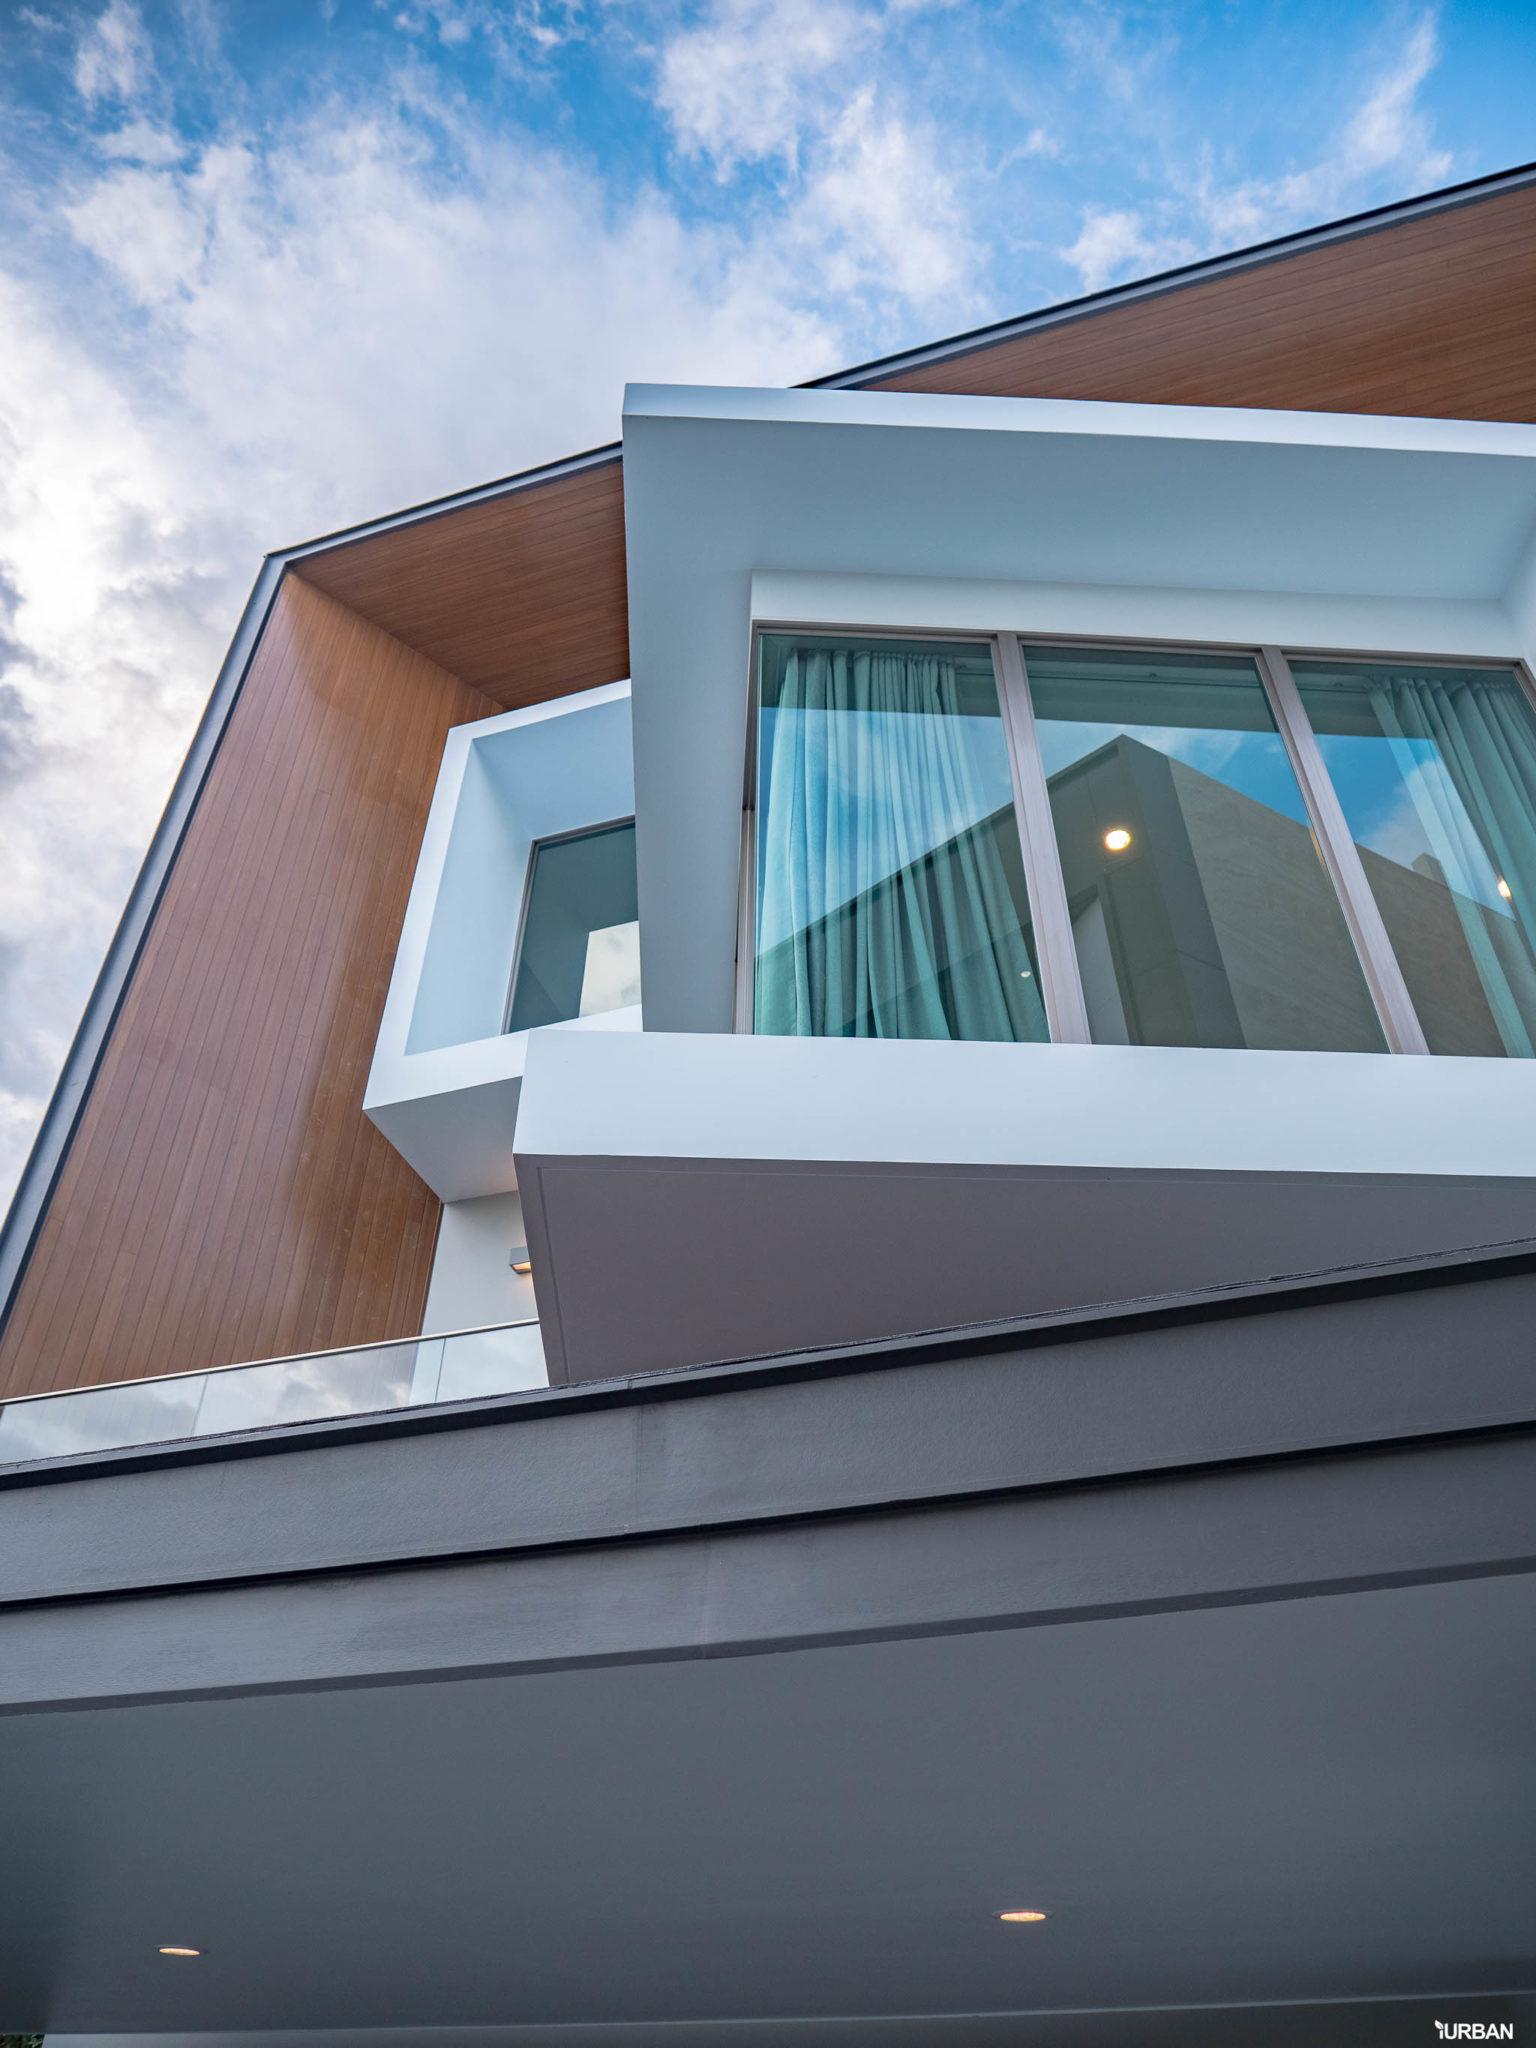 รีวิว Nirvana BEYOND Udonthani บ้านเดี่ยว 3 ชั้น ดีไซน์บิดสุดโมเดิร์น บนที่ดินสุดท้ายหน้าหนองประจักษ์ 33 - Luxury